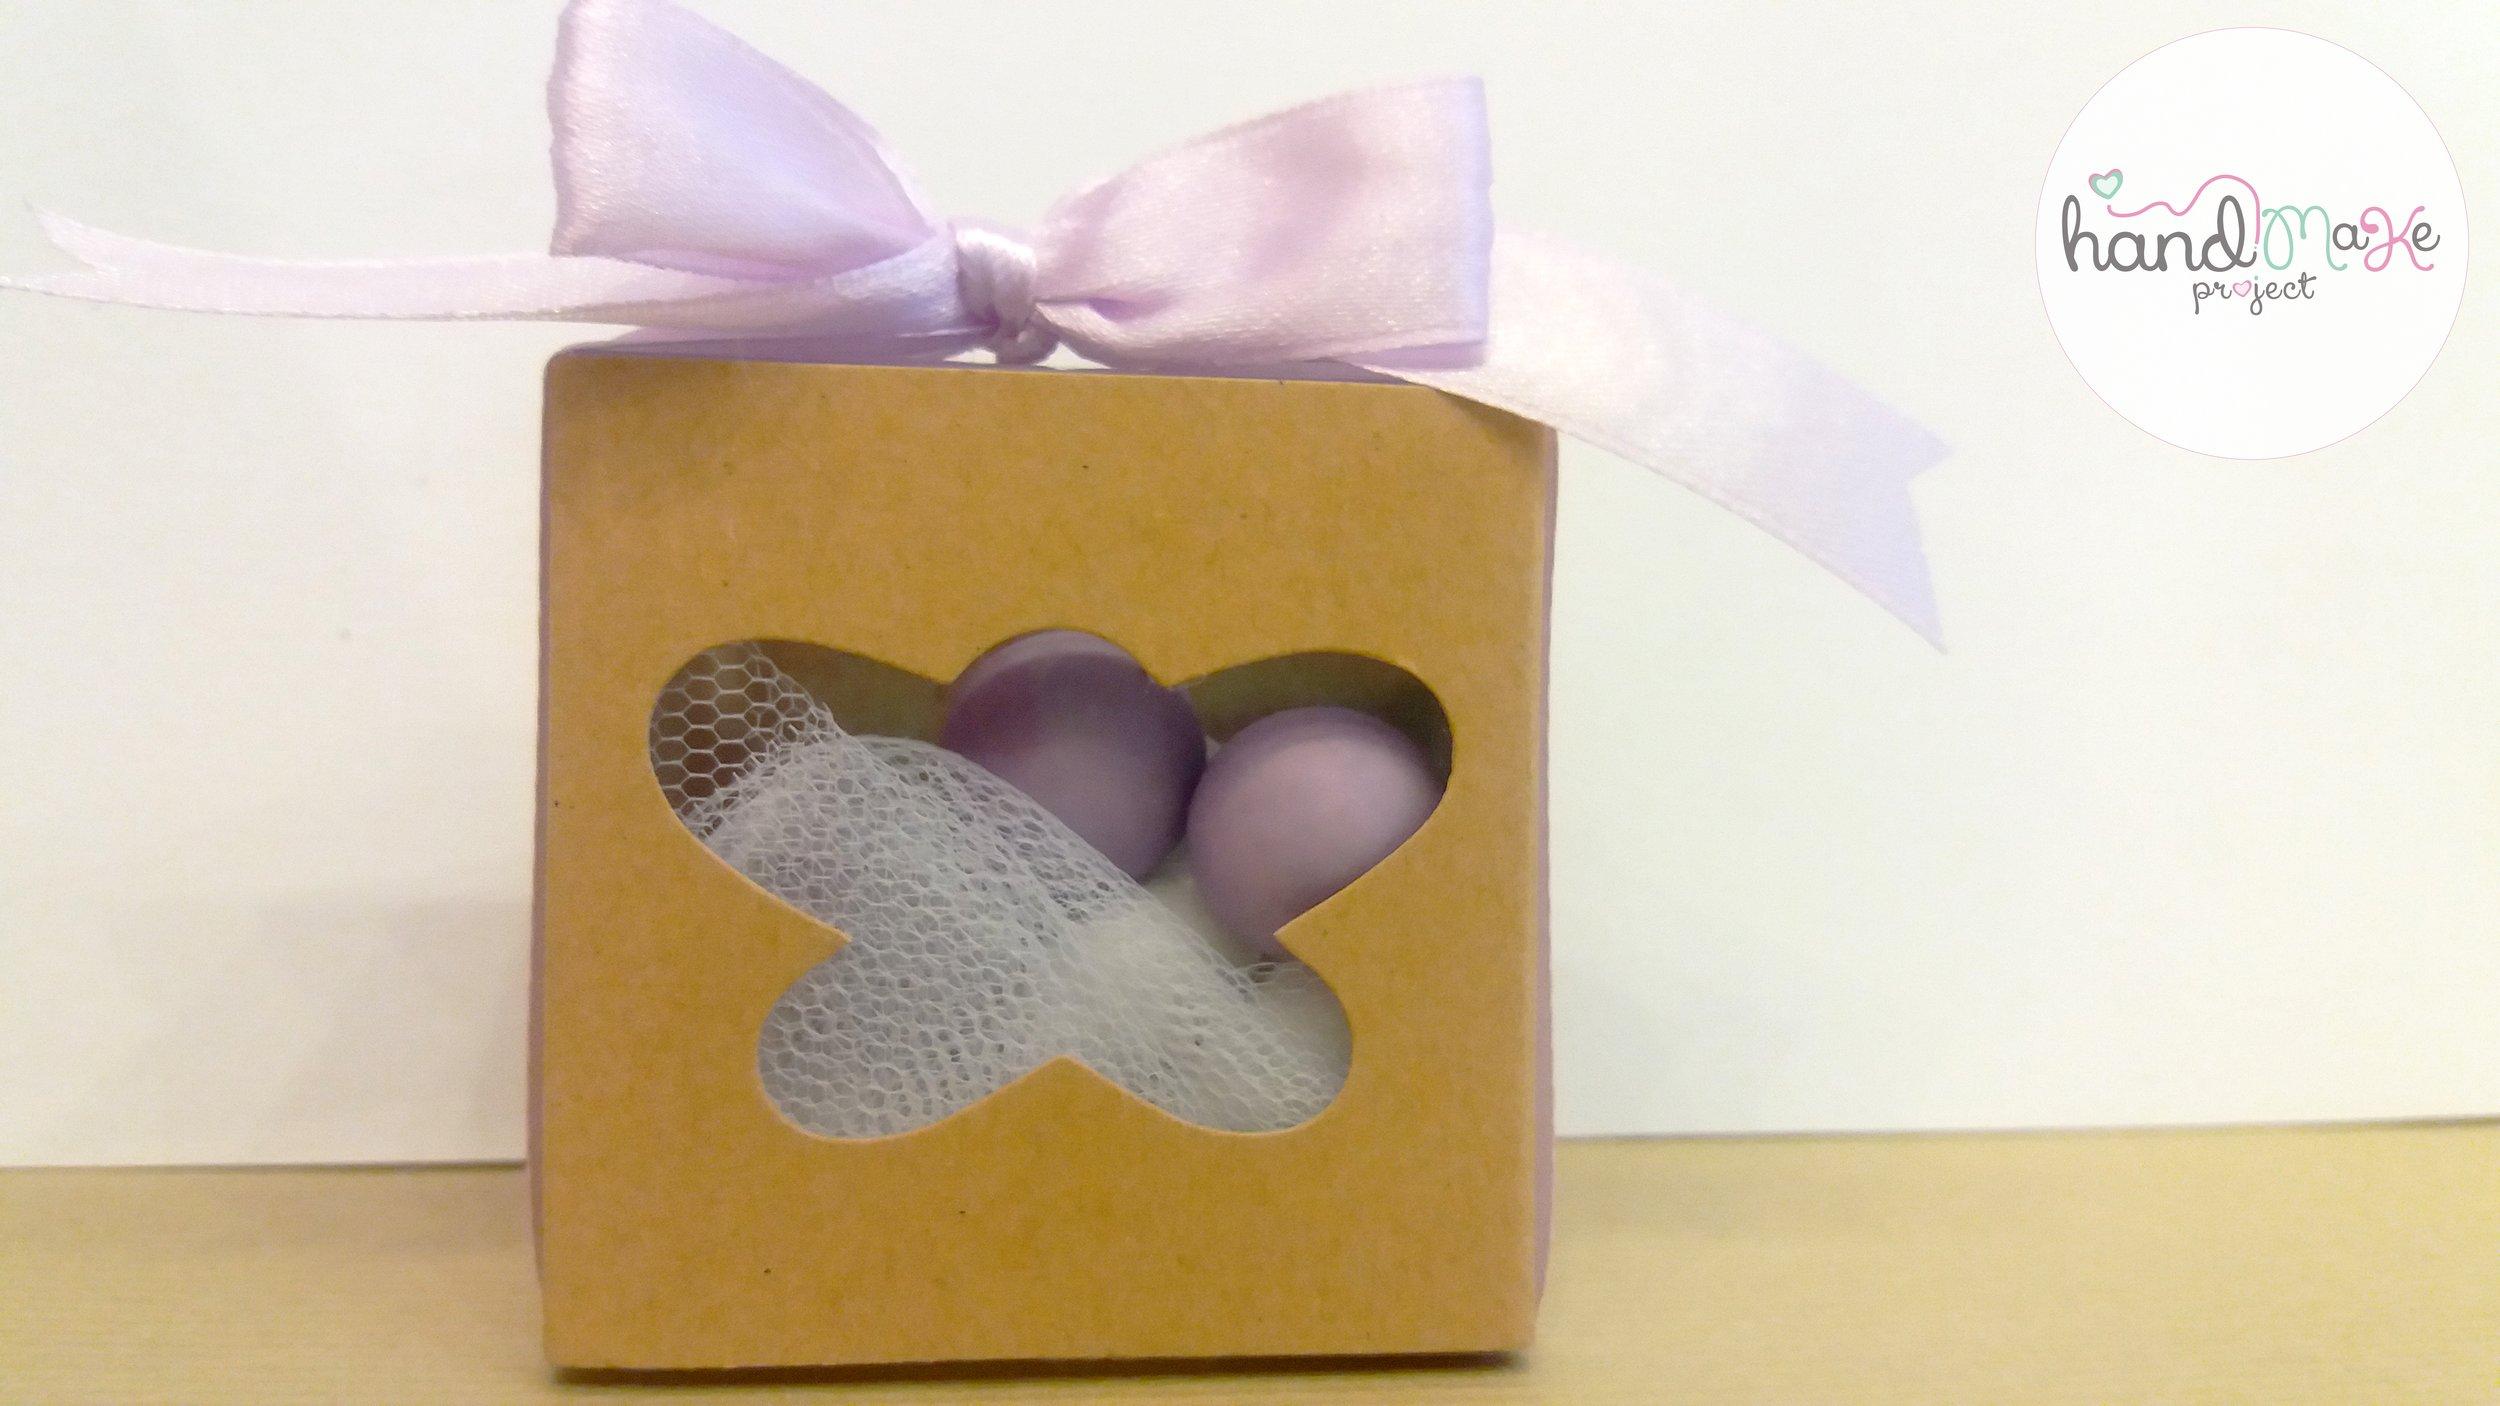 κωδικός ΒΒ_21 Collection ''Open the Box''   Κουτί eco πεταλούδα, τούλι λευκό και κορδέλα σατένλιλά.